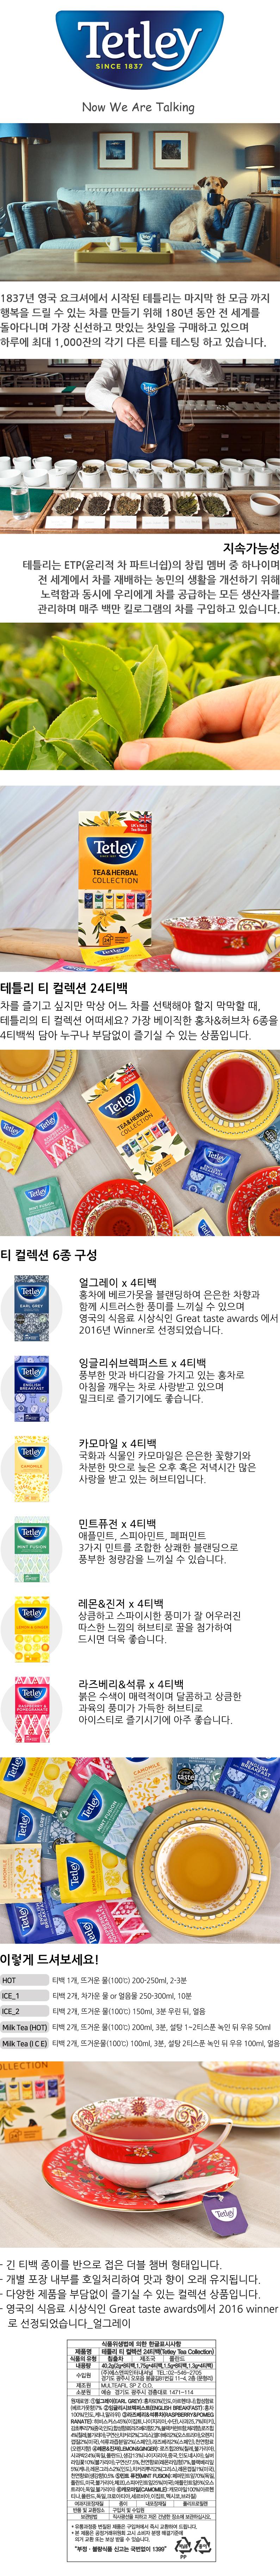 Tetley_Tea_Collection